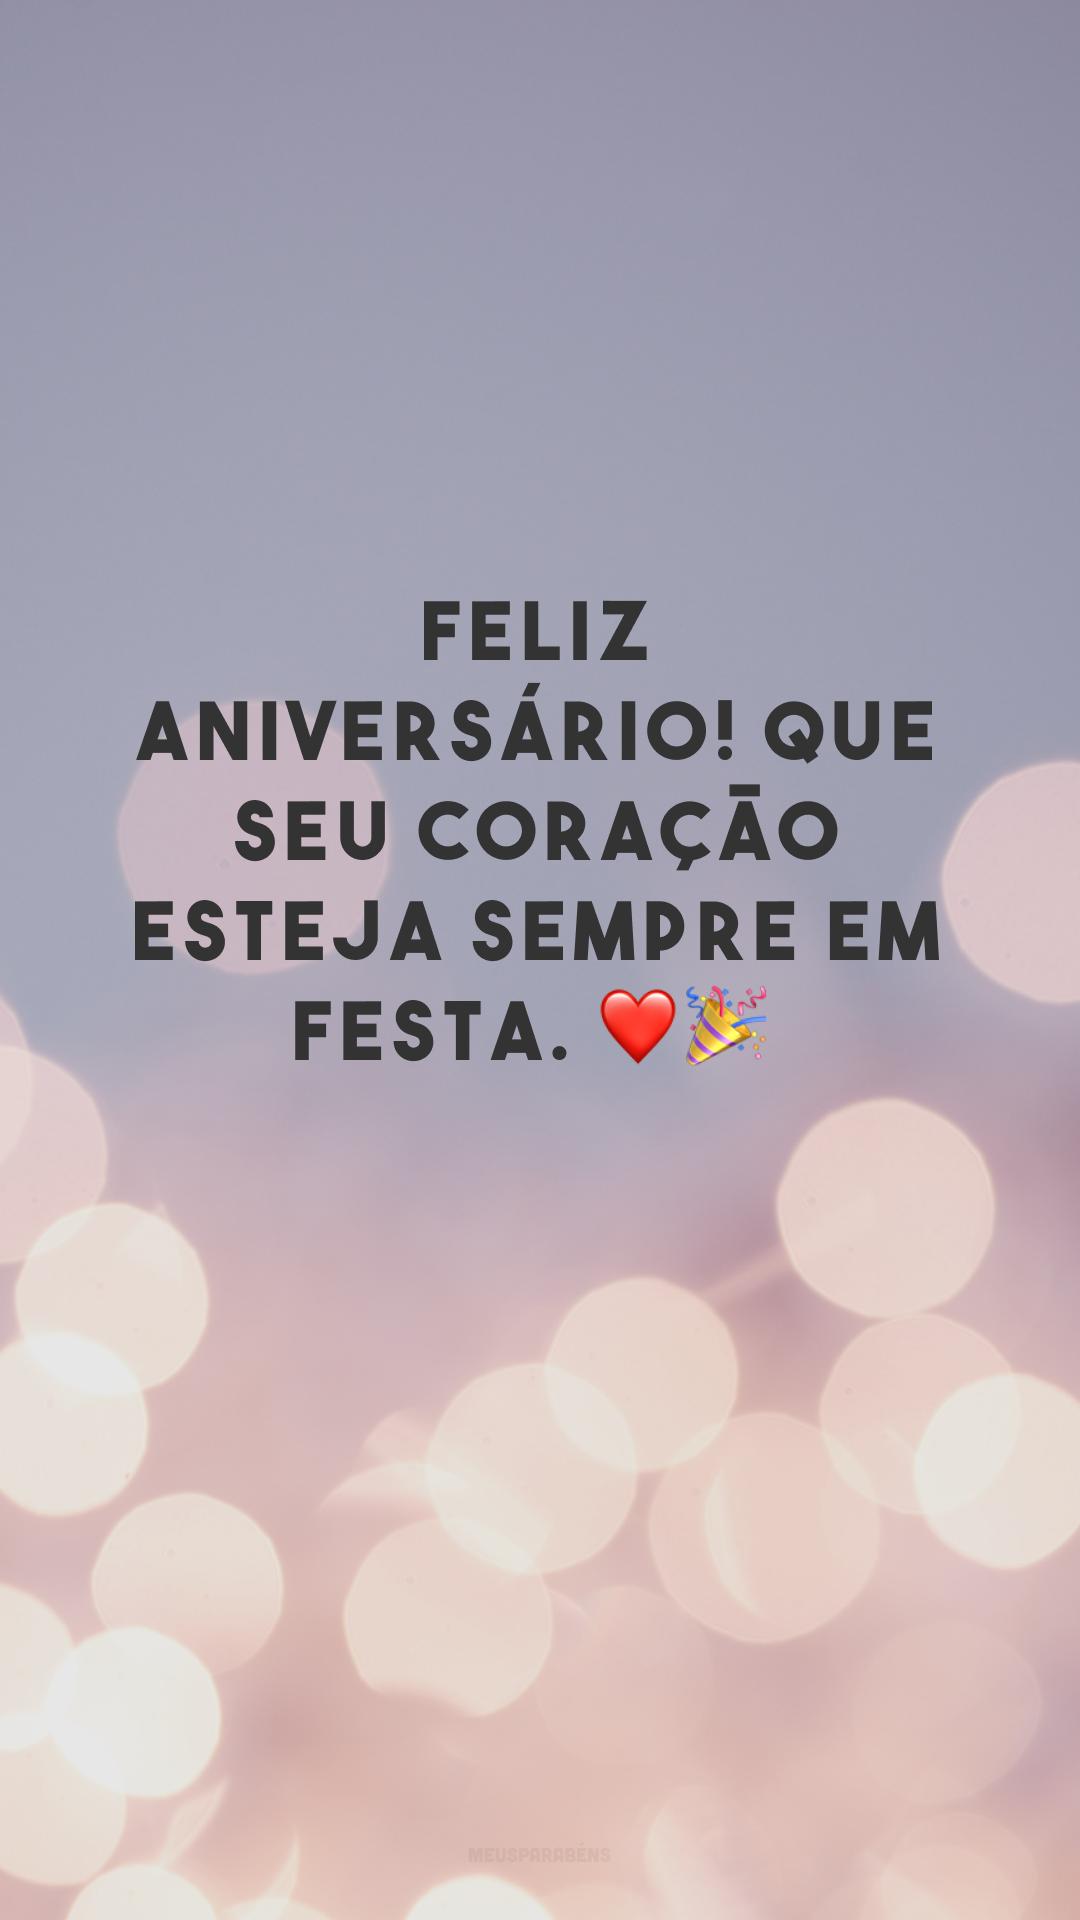 Feliz aniversário! Que seu coração esteja sempre em festa. ❤🎉<br />